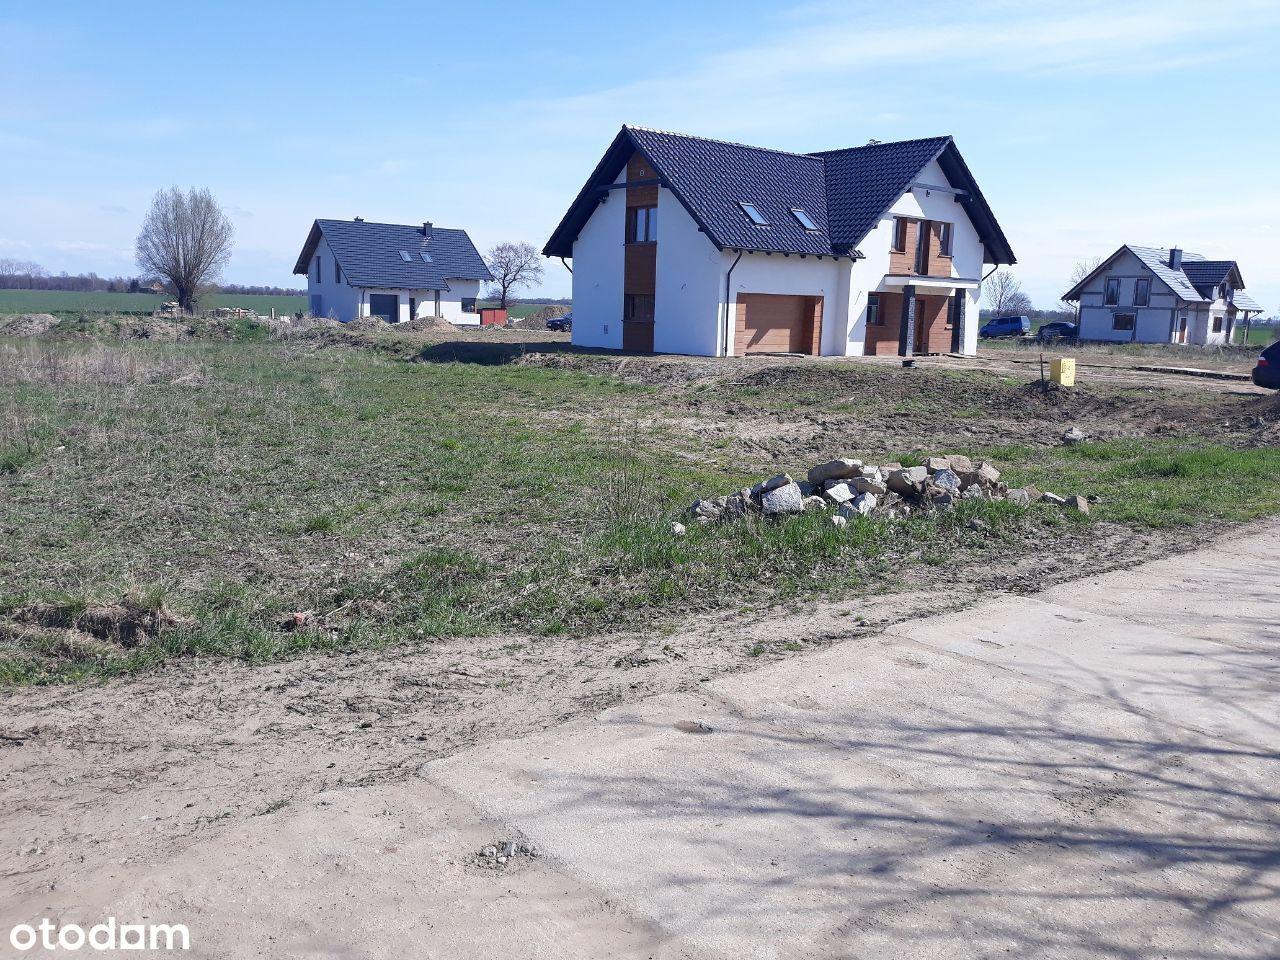 Działka budowlana 2262m2, Pruszcz-Grabiny-Zameczek